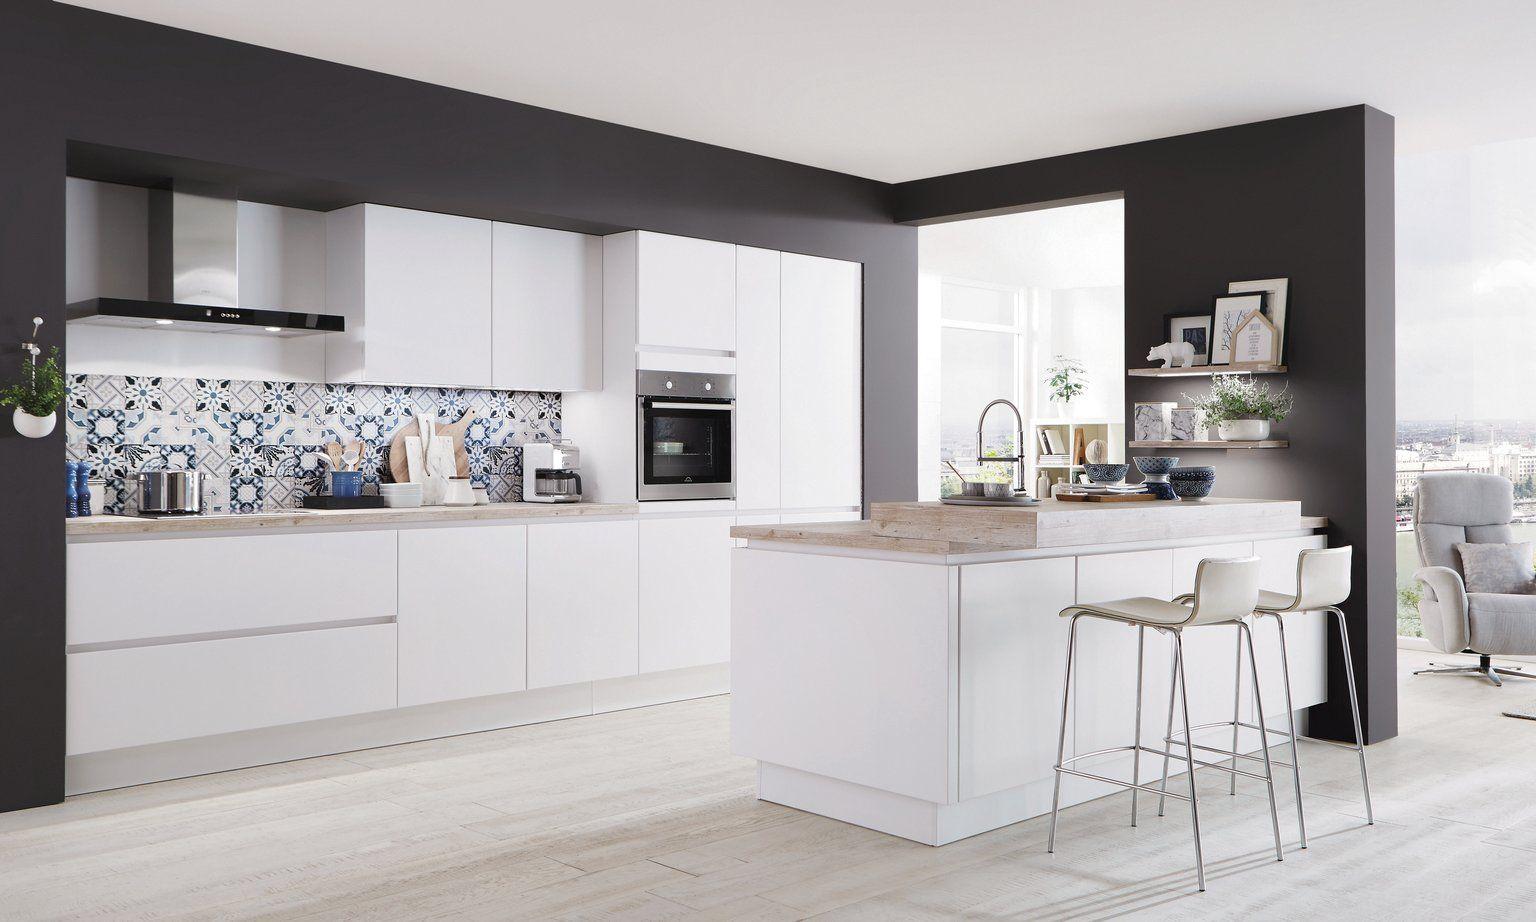 kücheninsel, kochinsel, inselküche günstig kaufen - küche